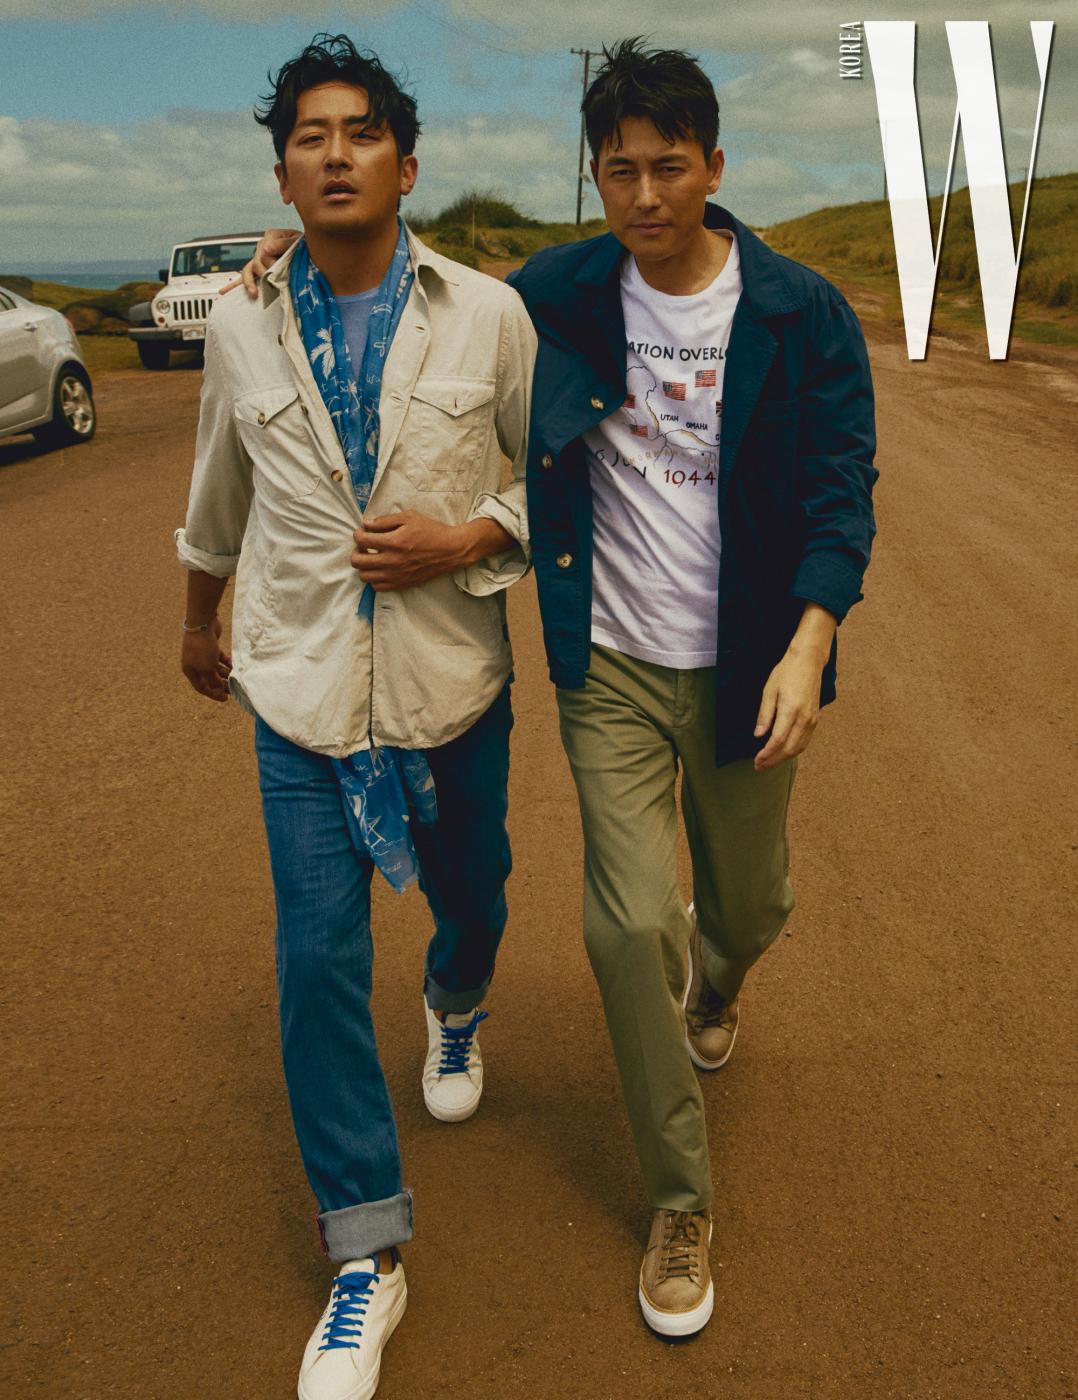 하정우가 입은 셔츠, 데님 팬츠, 티셔츠, 프린트 스카프, 정우성이 입은 재킷, 팬츠, 티셔츠는 모두 Breuer, 레이스업 스니커즈는 모두 S . T. Dupont 제품.